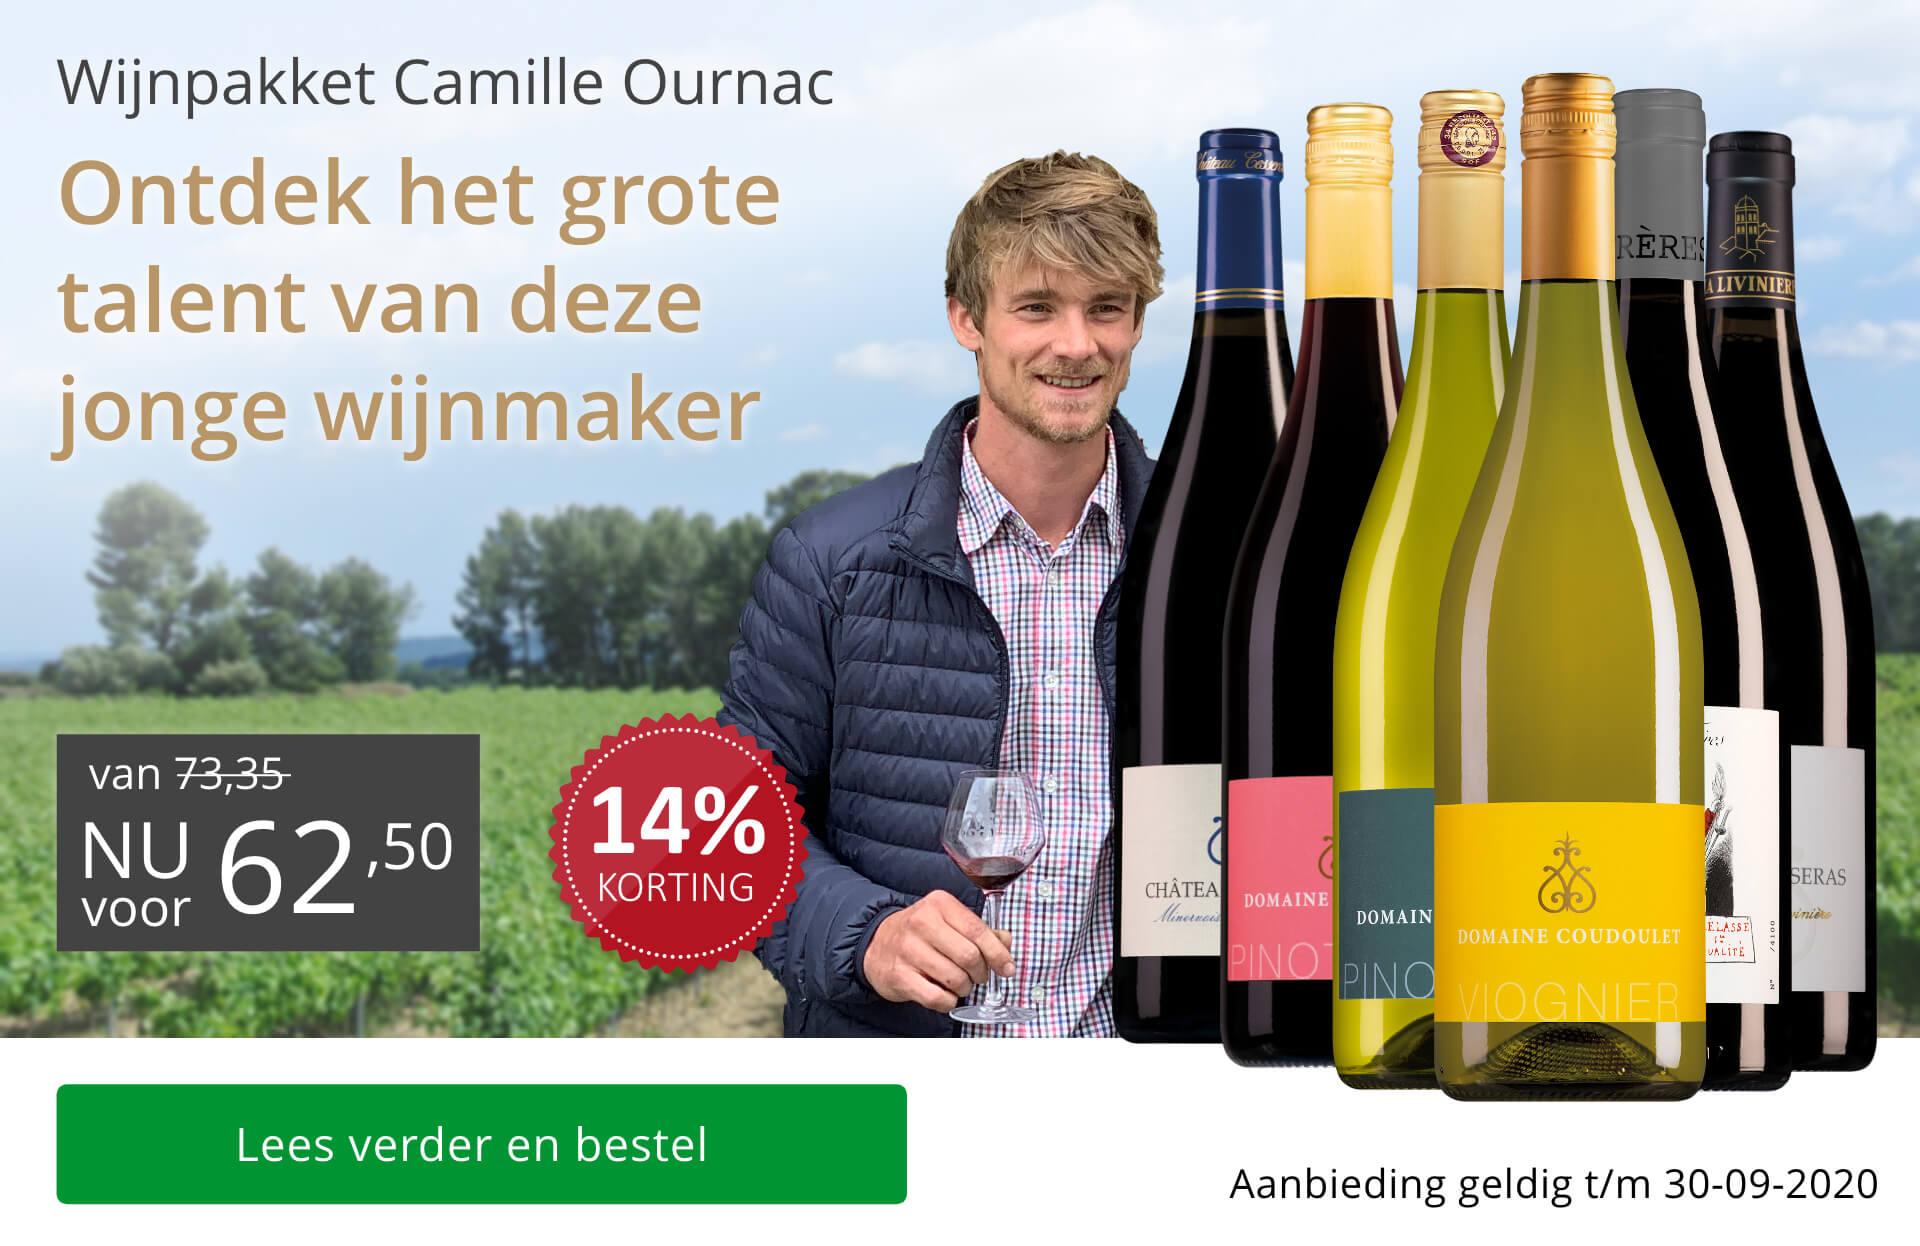 Wijnpakket Camille Ournac (62,50) - grijs/goud